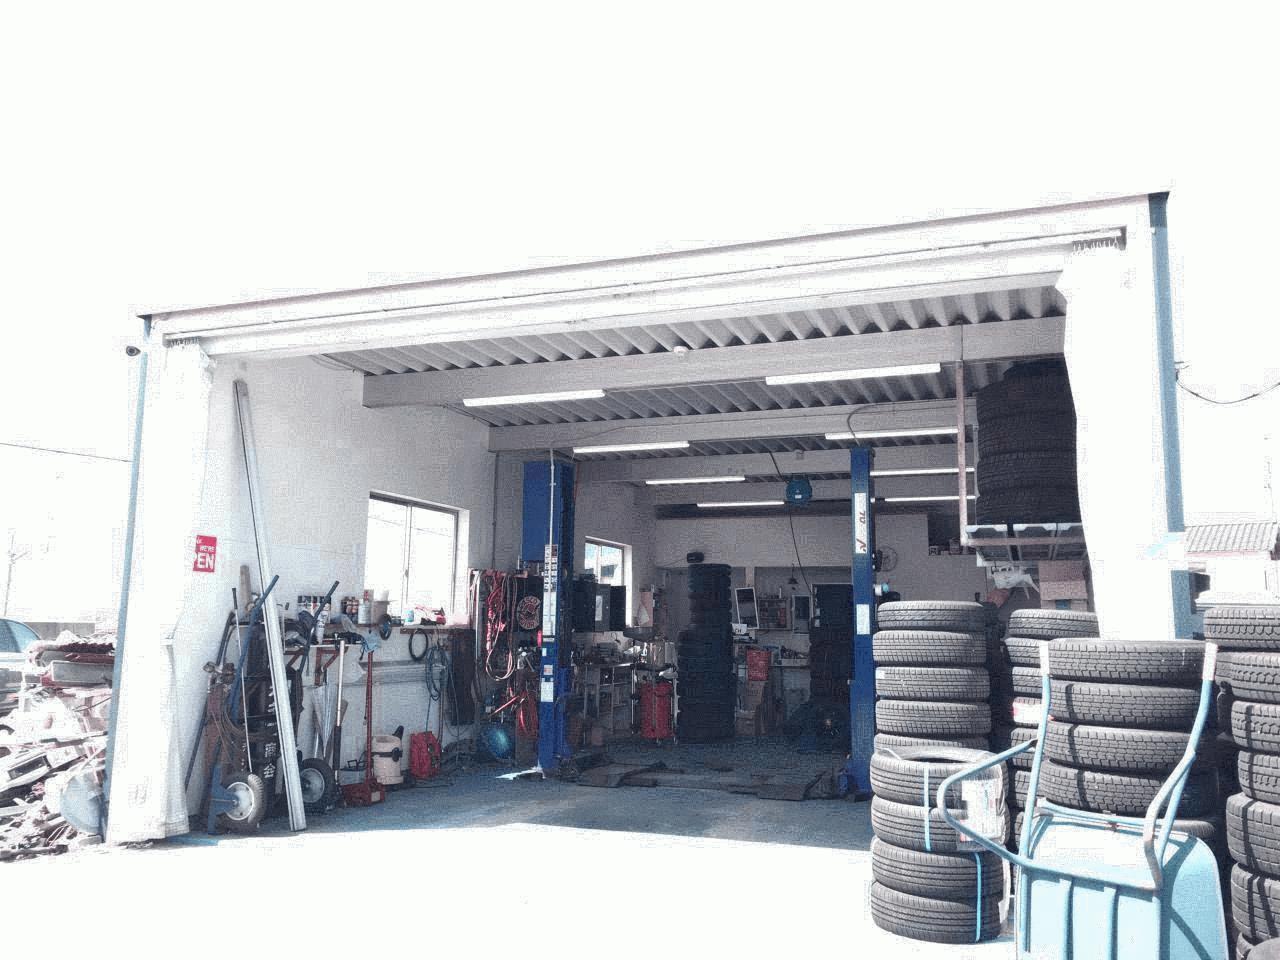 タイヤの保管できます★<br /> <br /> タイヤが物置を占領してしまう・・・<br /> 毎回交換時に持ち運ぶのが大変・・・<br /> そんな悩みが解消できます!<br />